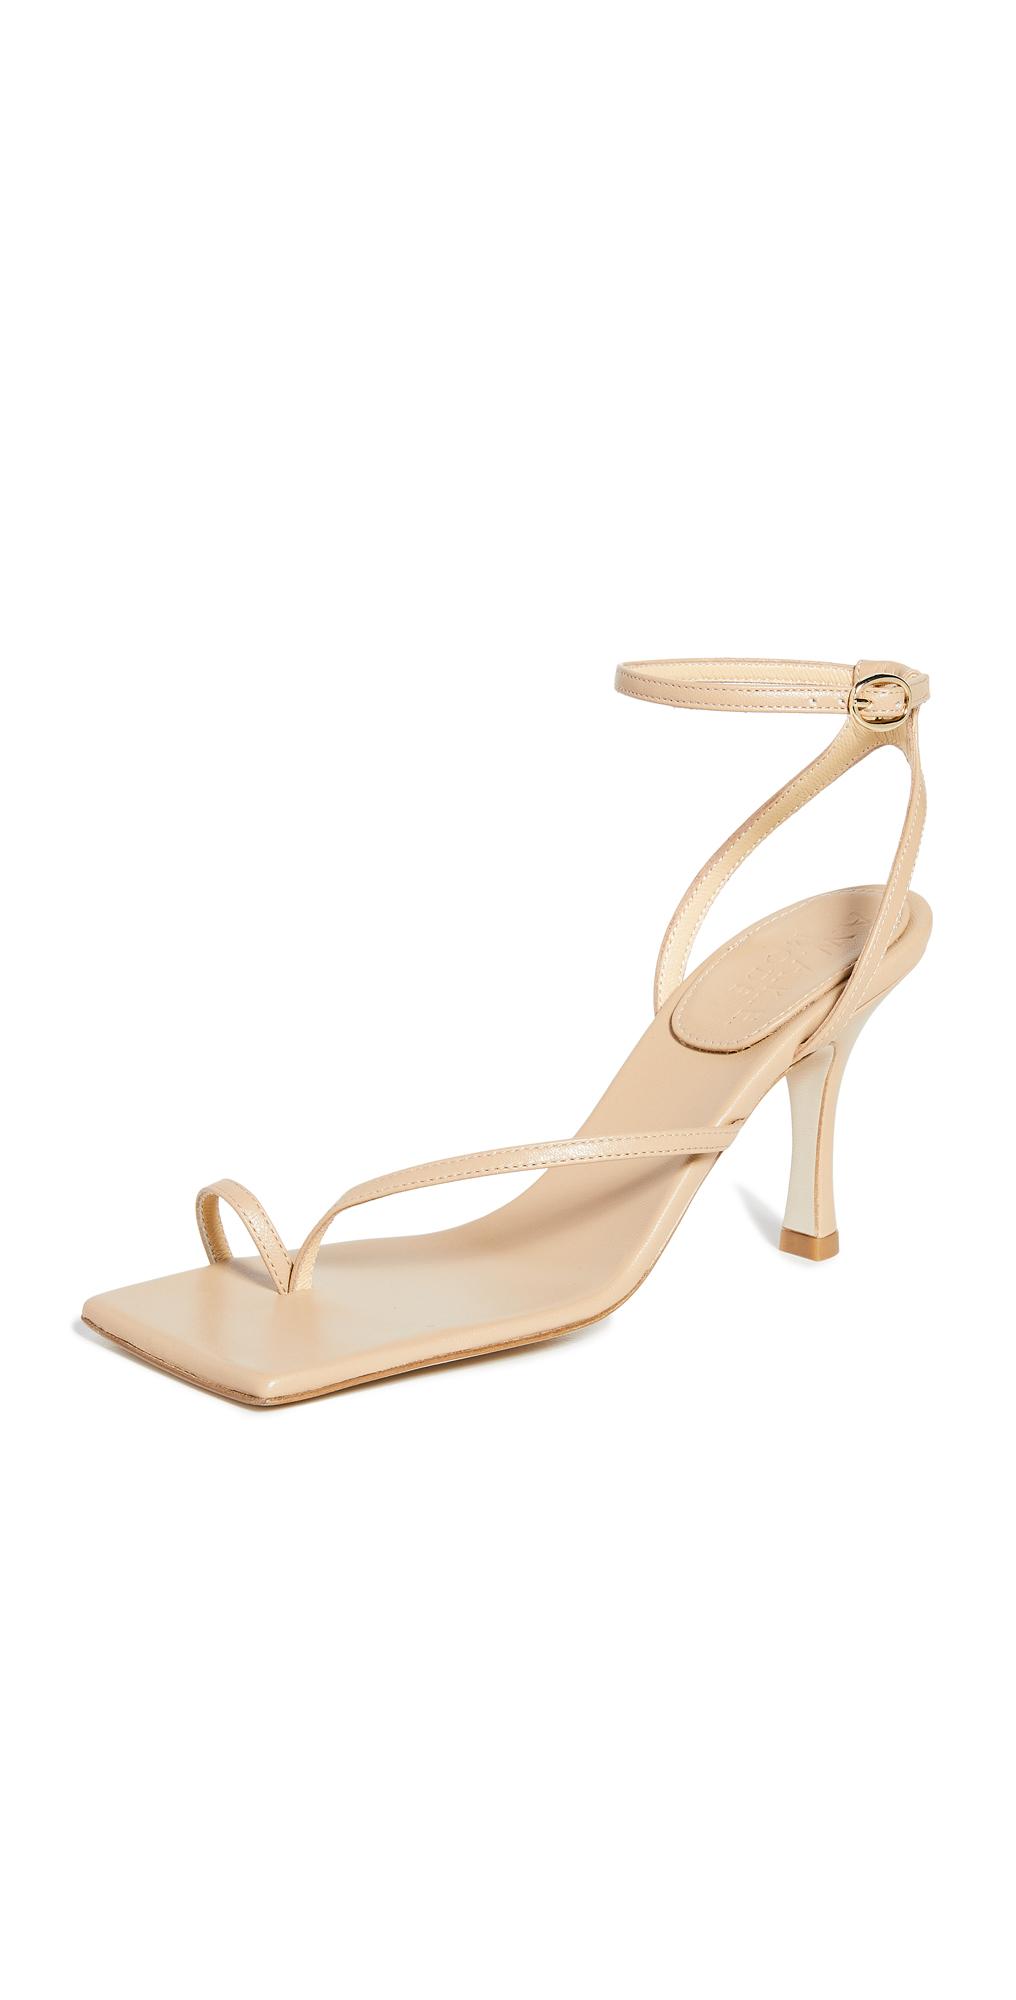 A.W.A.K.E MODE Delta High 80mm Sandals